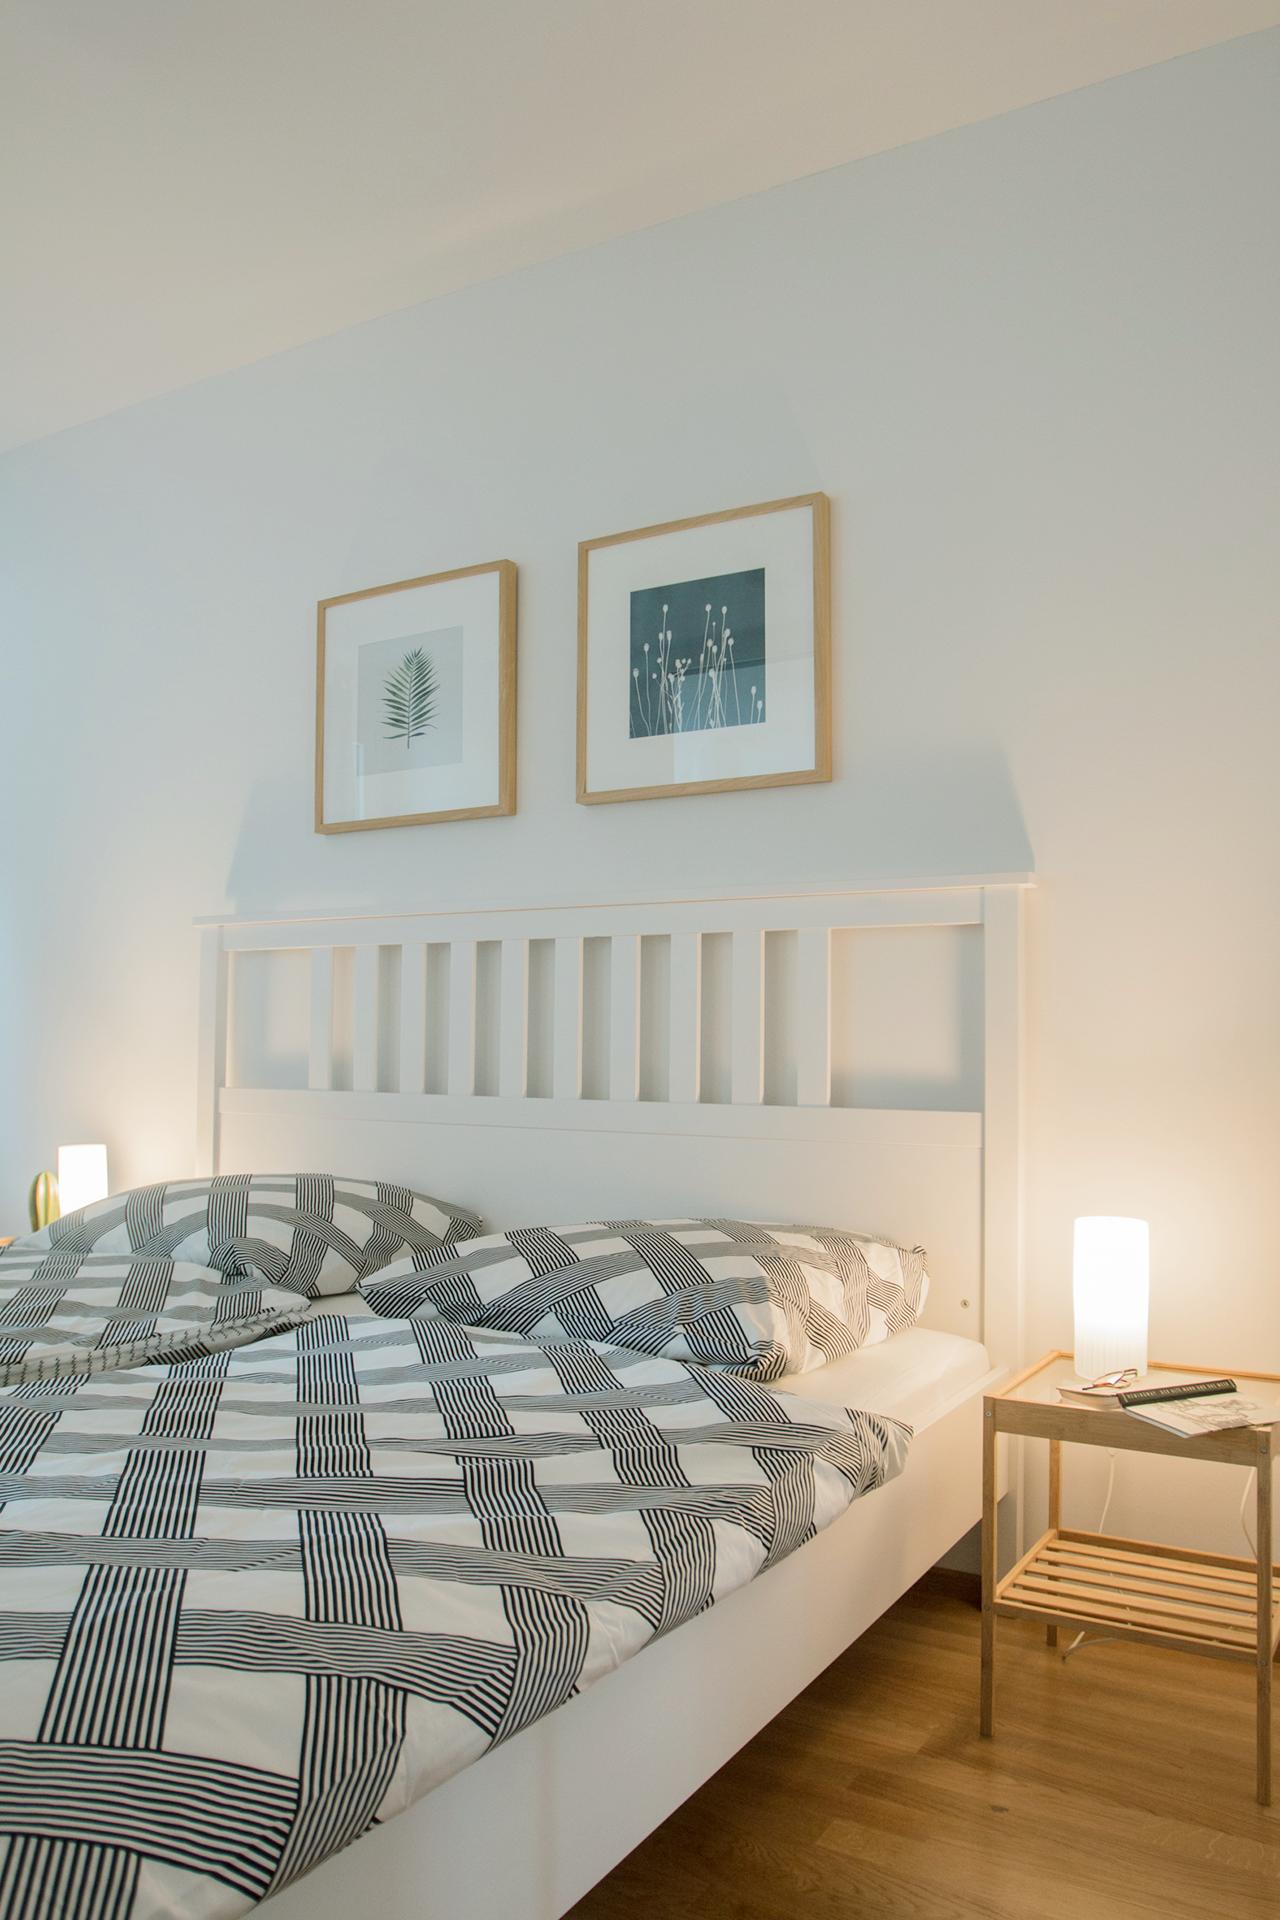 Schlafzimmer, gemütlich, Beleuchtung, Entspannung, Erholung